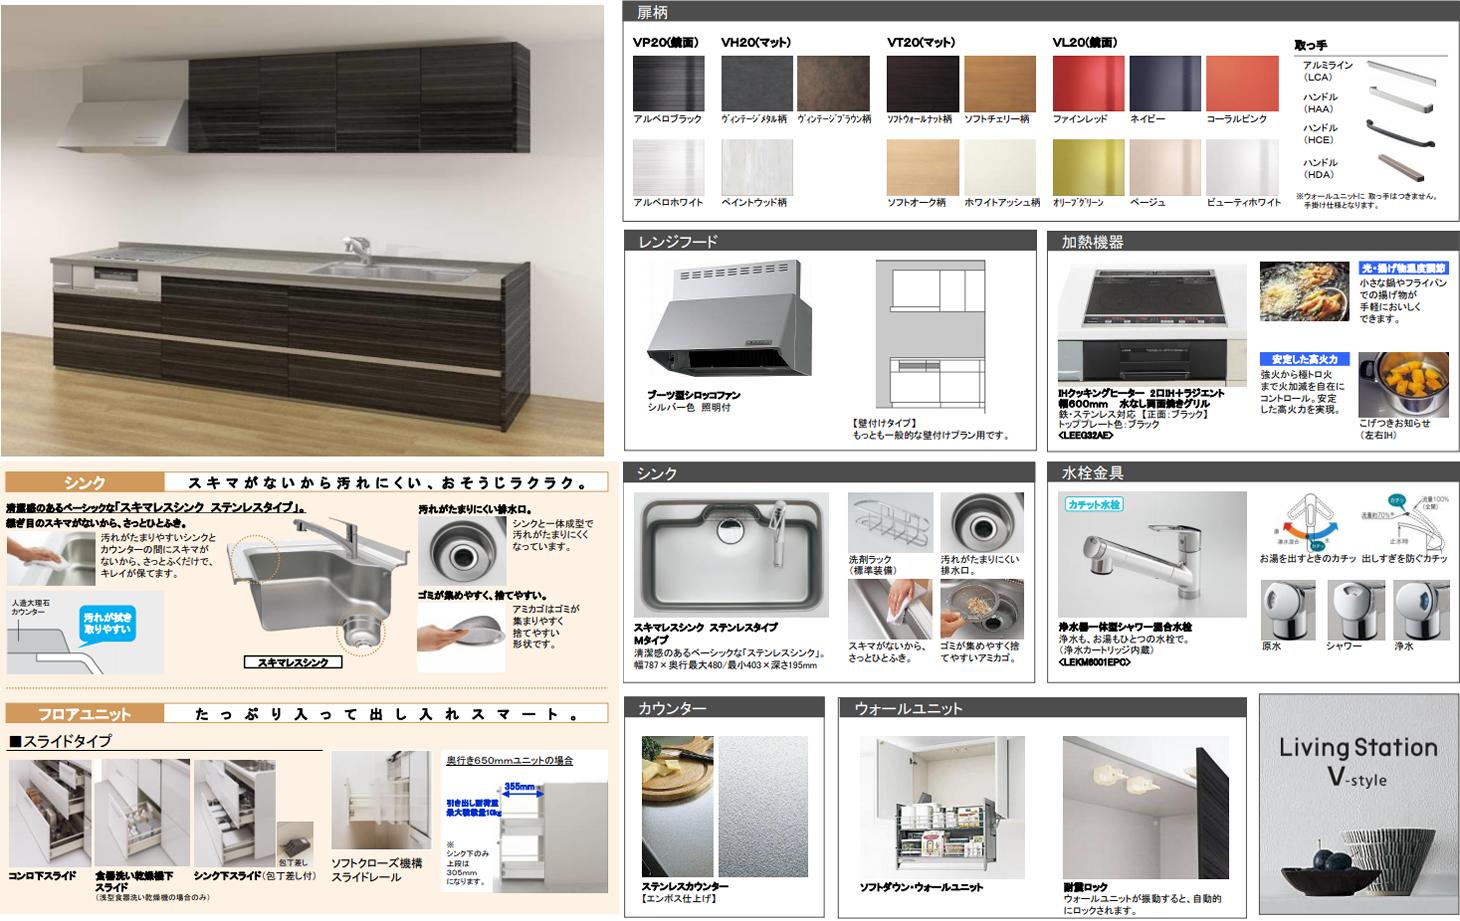 Panasonic キッチン リビングステーション Vスタイル